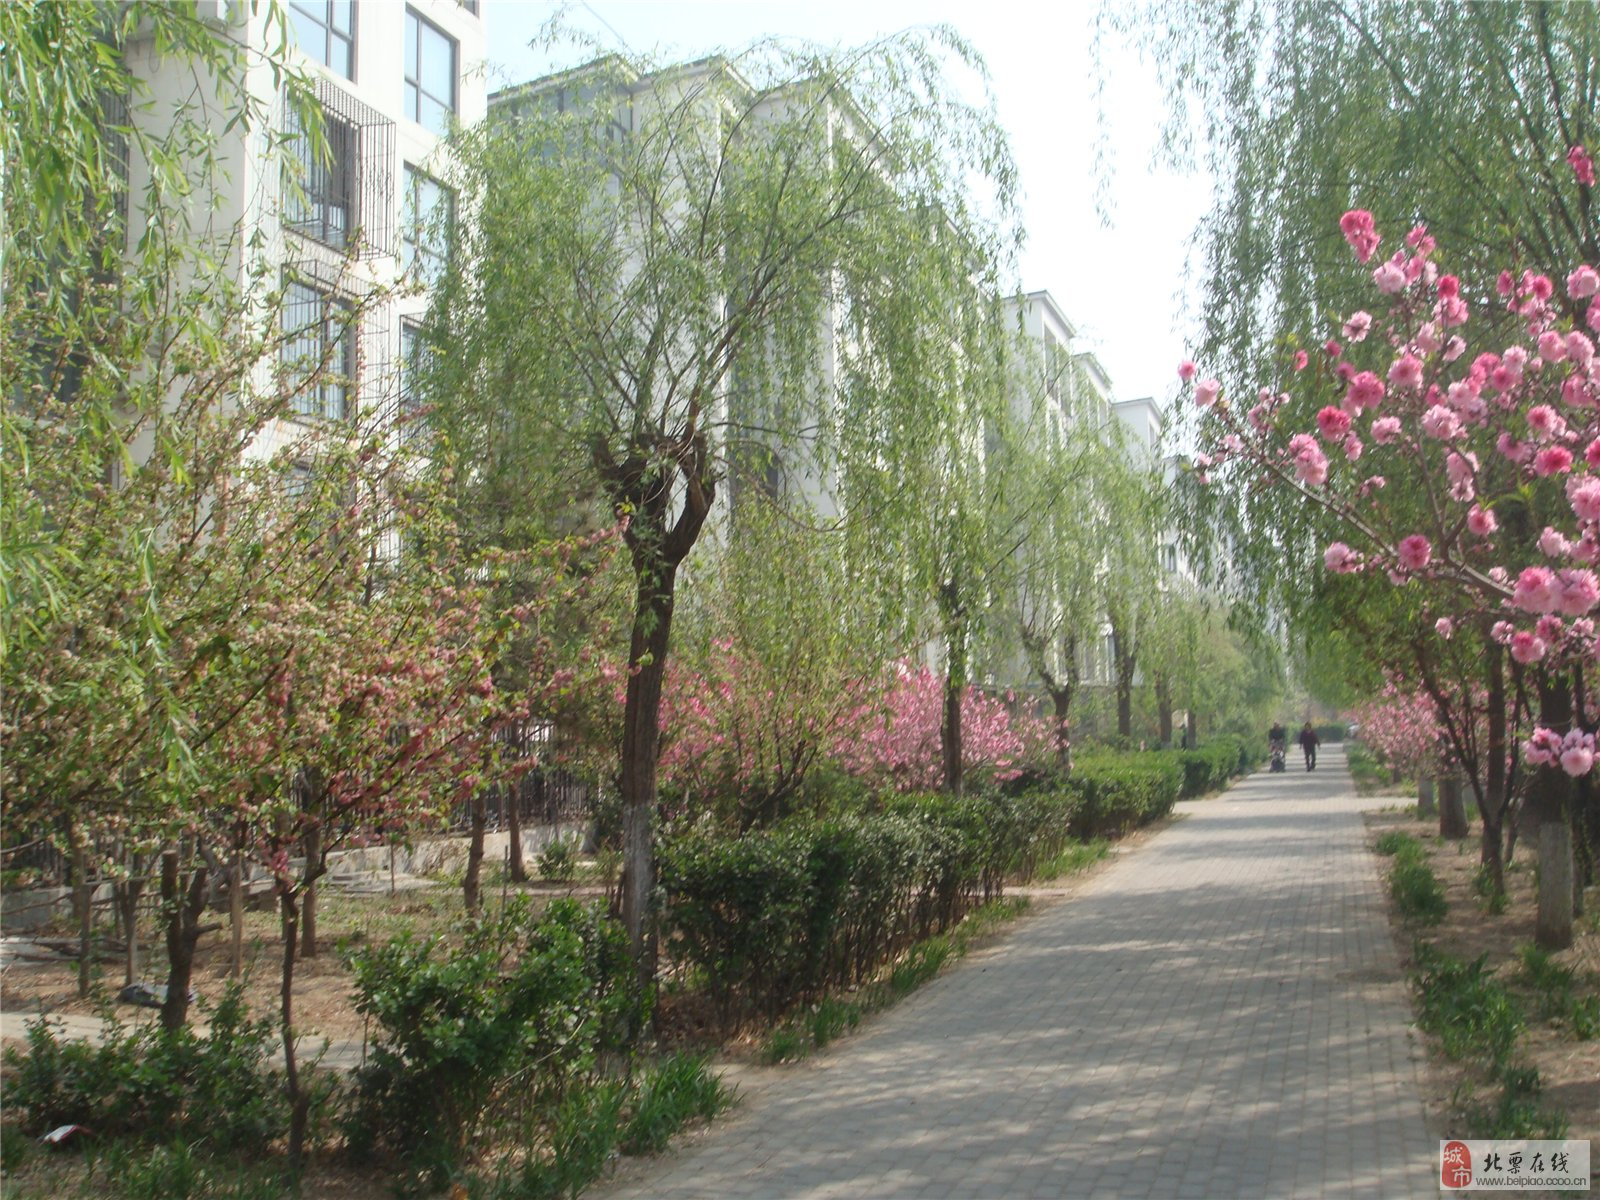 北京的春天_风光景物_北票论坛